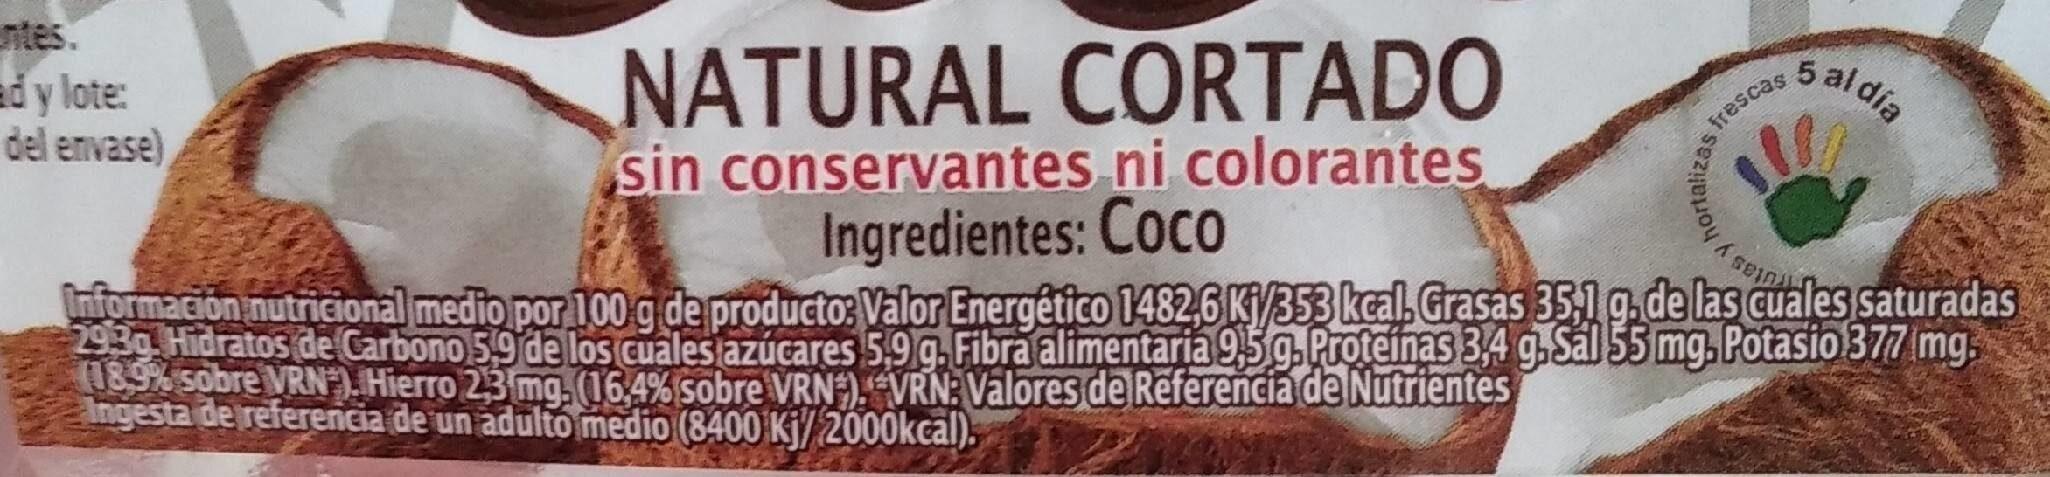 Coco pelado troceado para tomar - Información nutricional - es